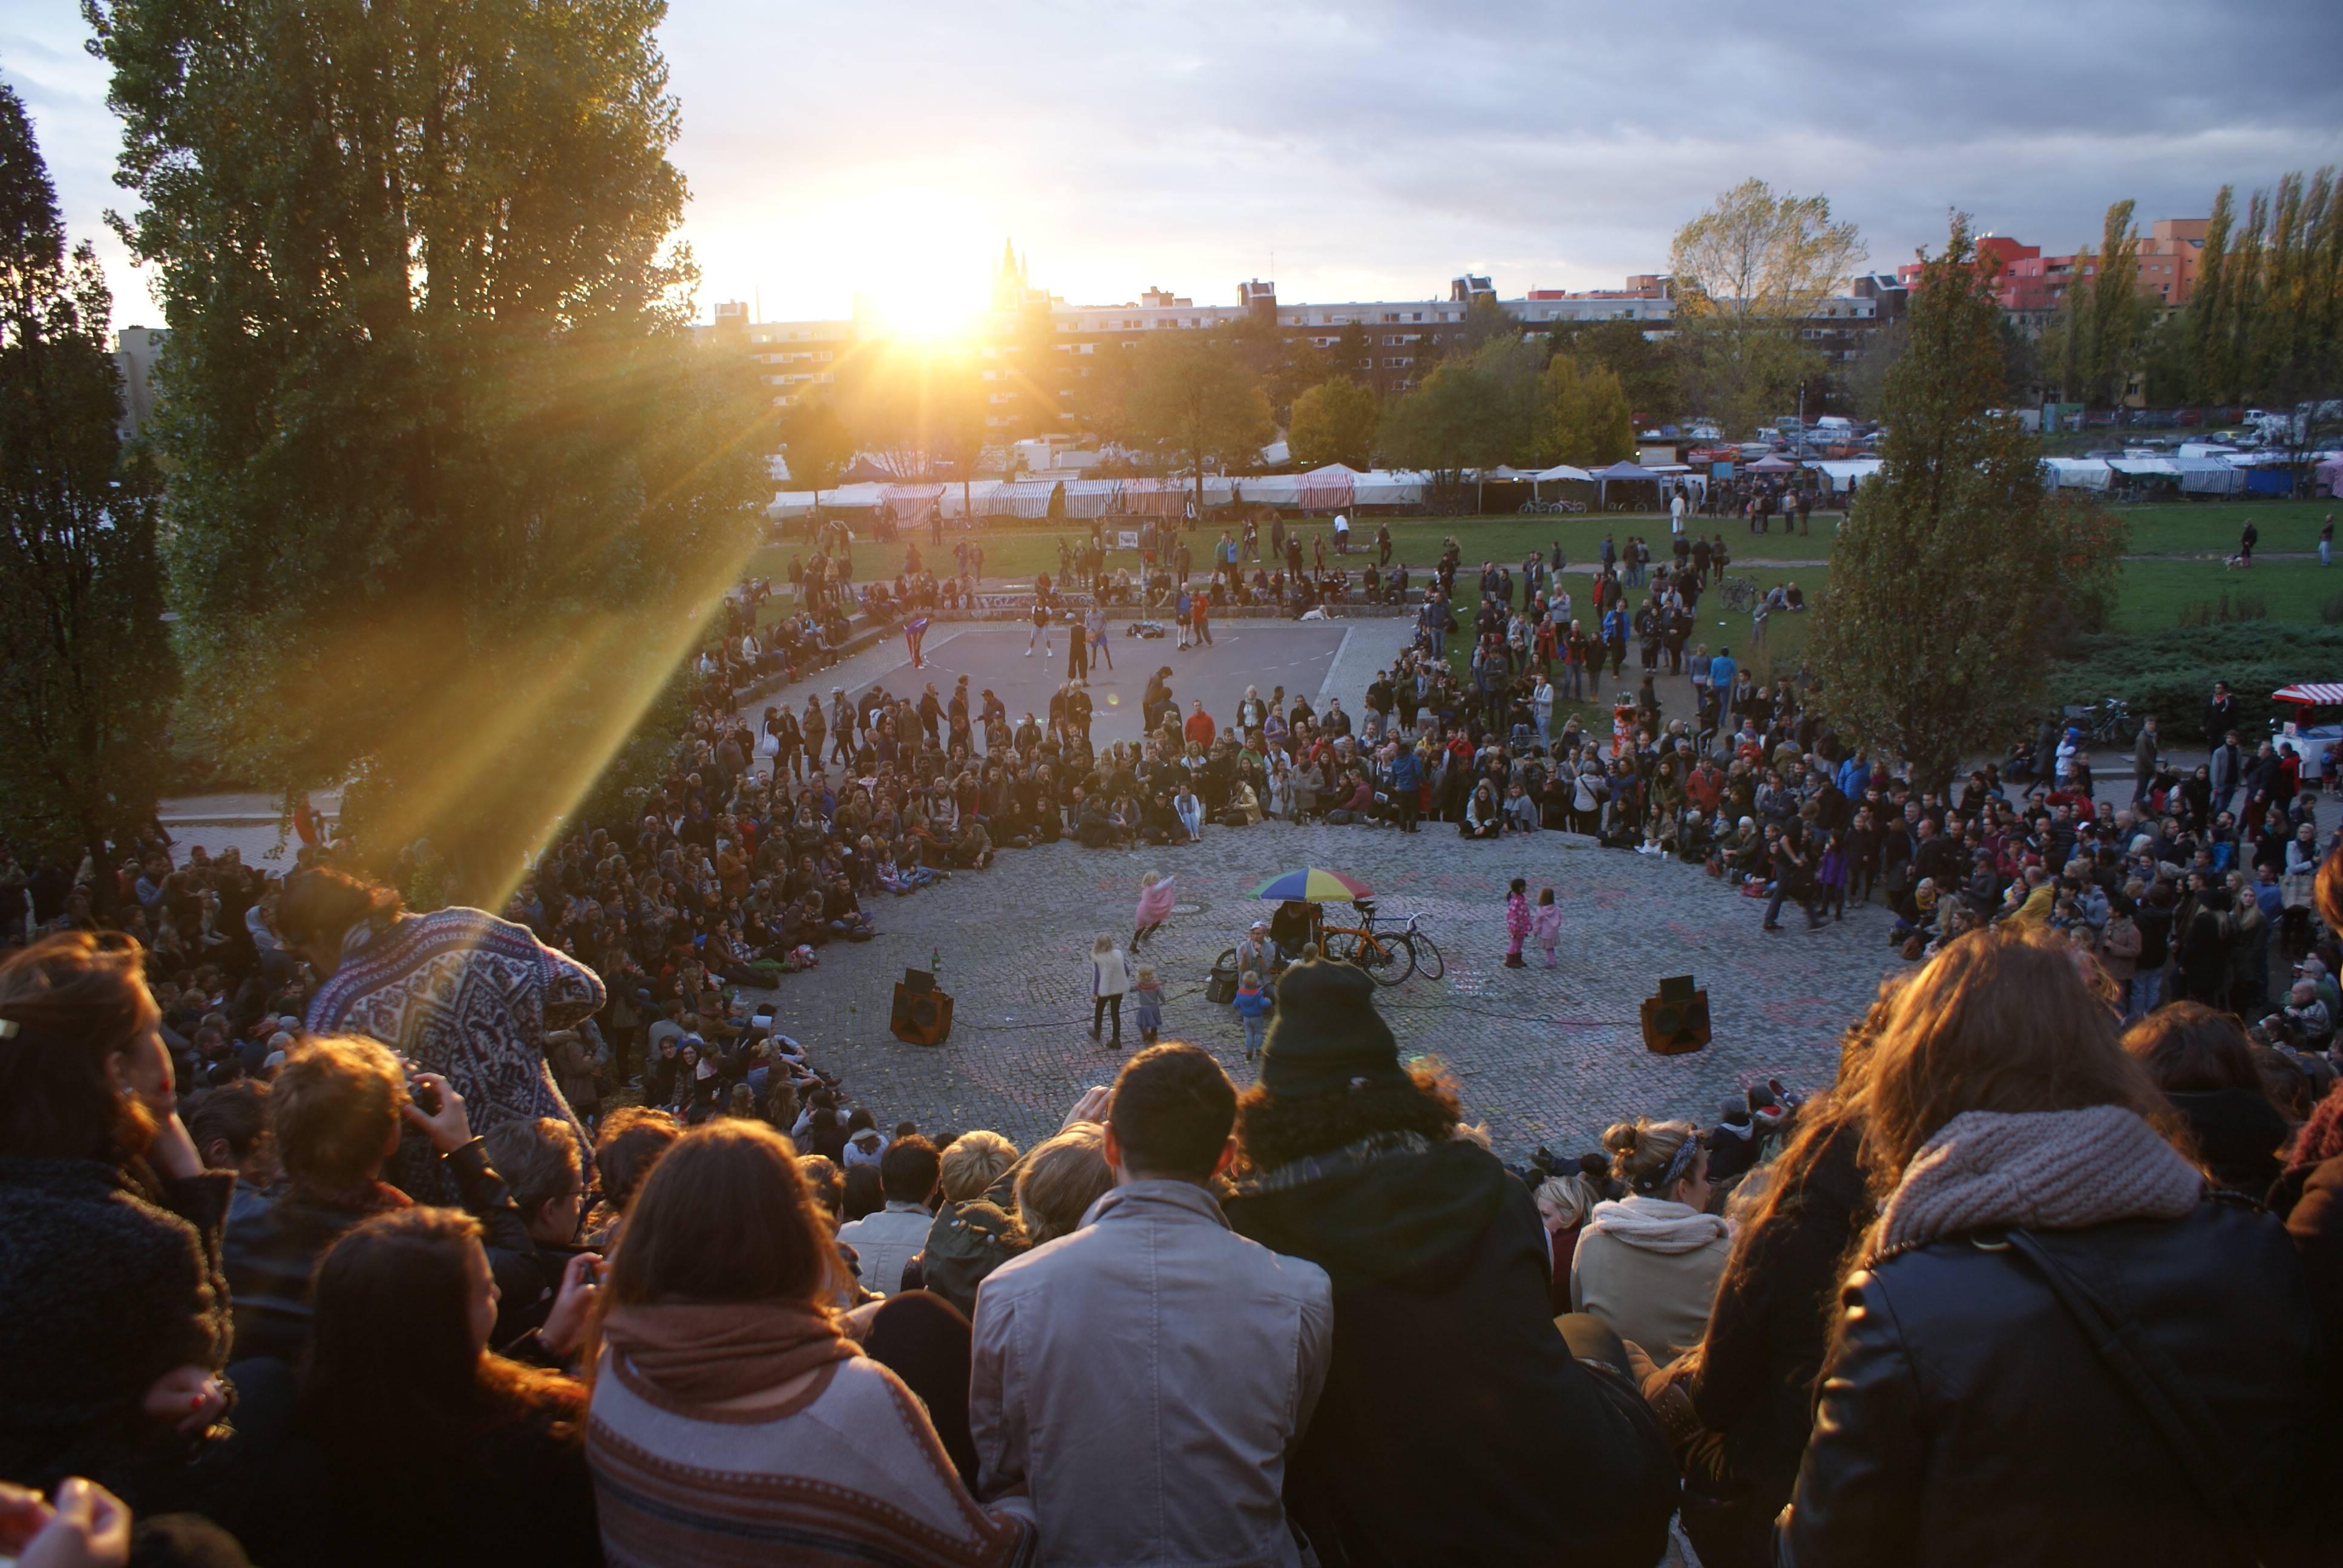 Photo 1: Marché aux puces de Mauerpark